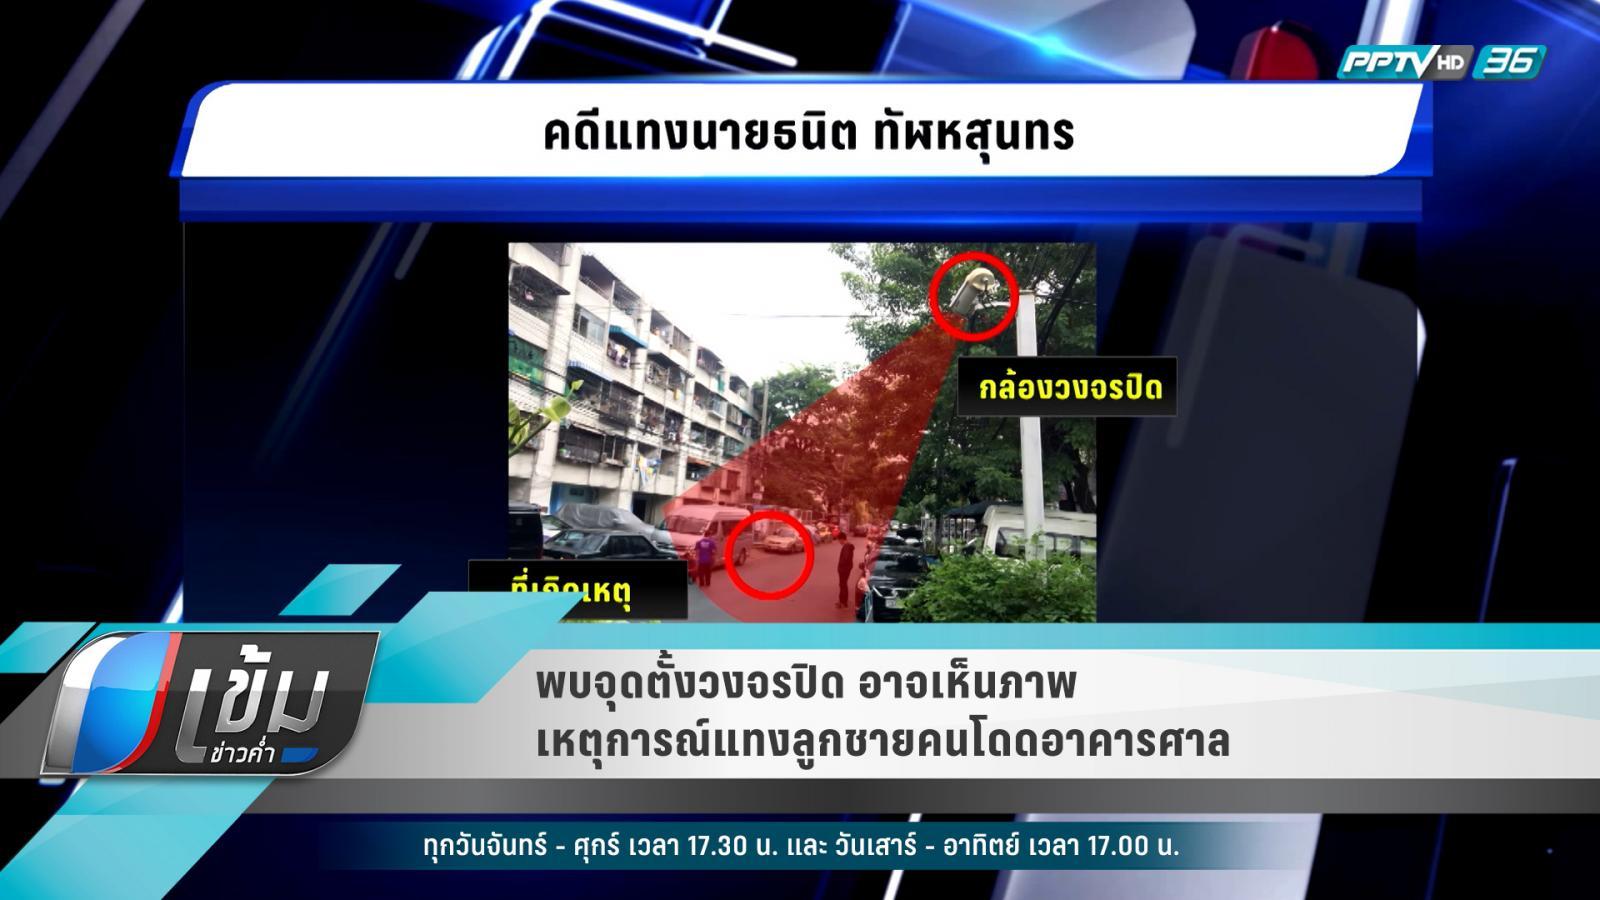 พบกล้องวงจรปิด 2ตัวใกล้ จุดเกิดเหตุแทงลูกชายคนโดดตึกศาลอาญาเสียชีวิต